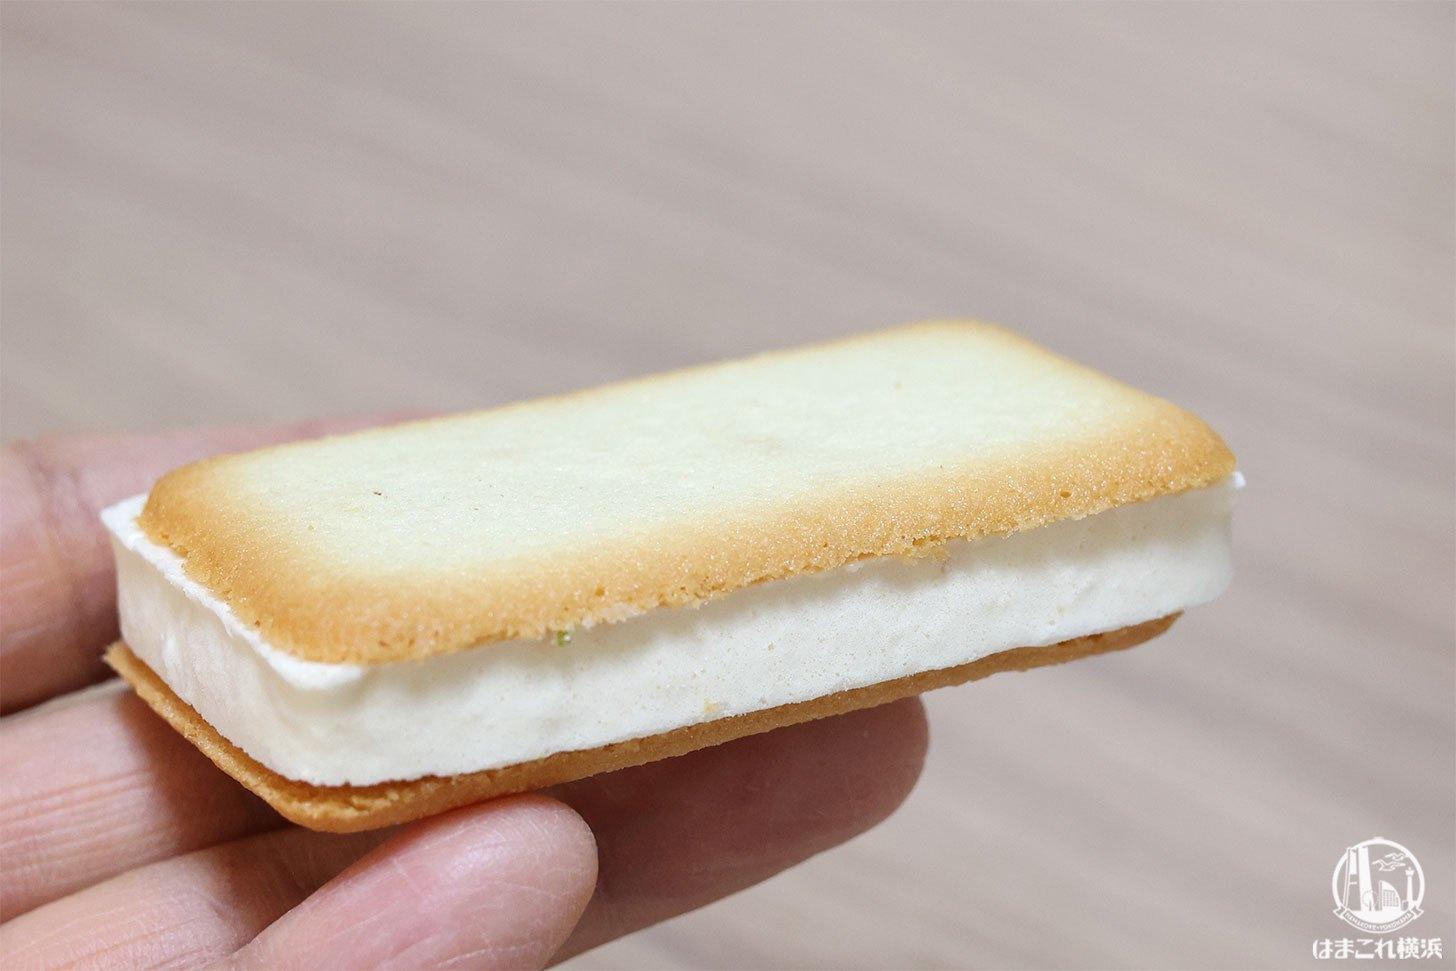 本実堂サンド